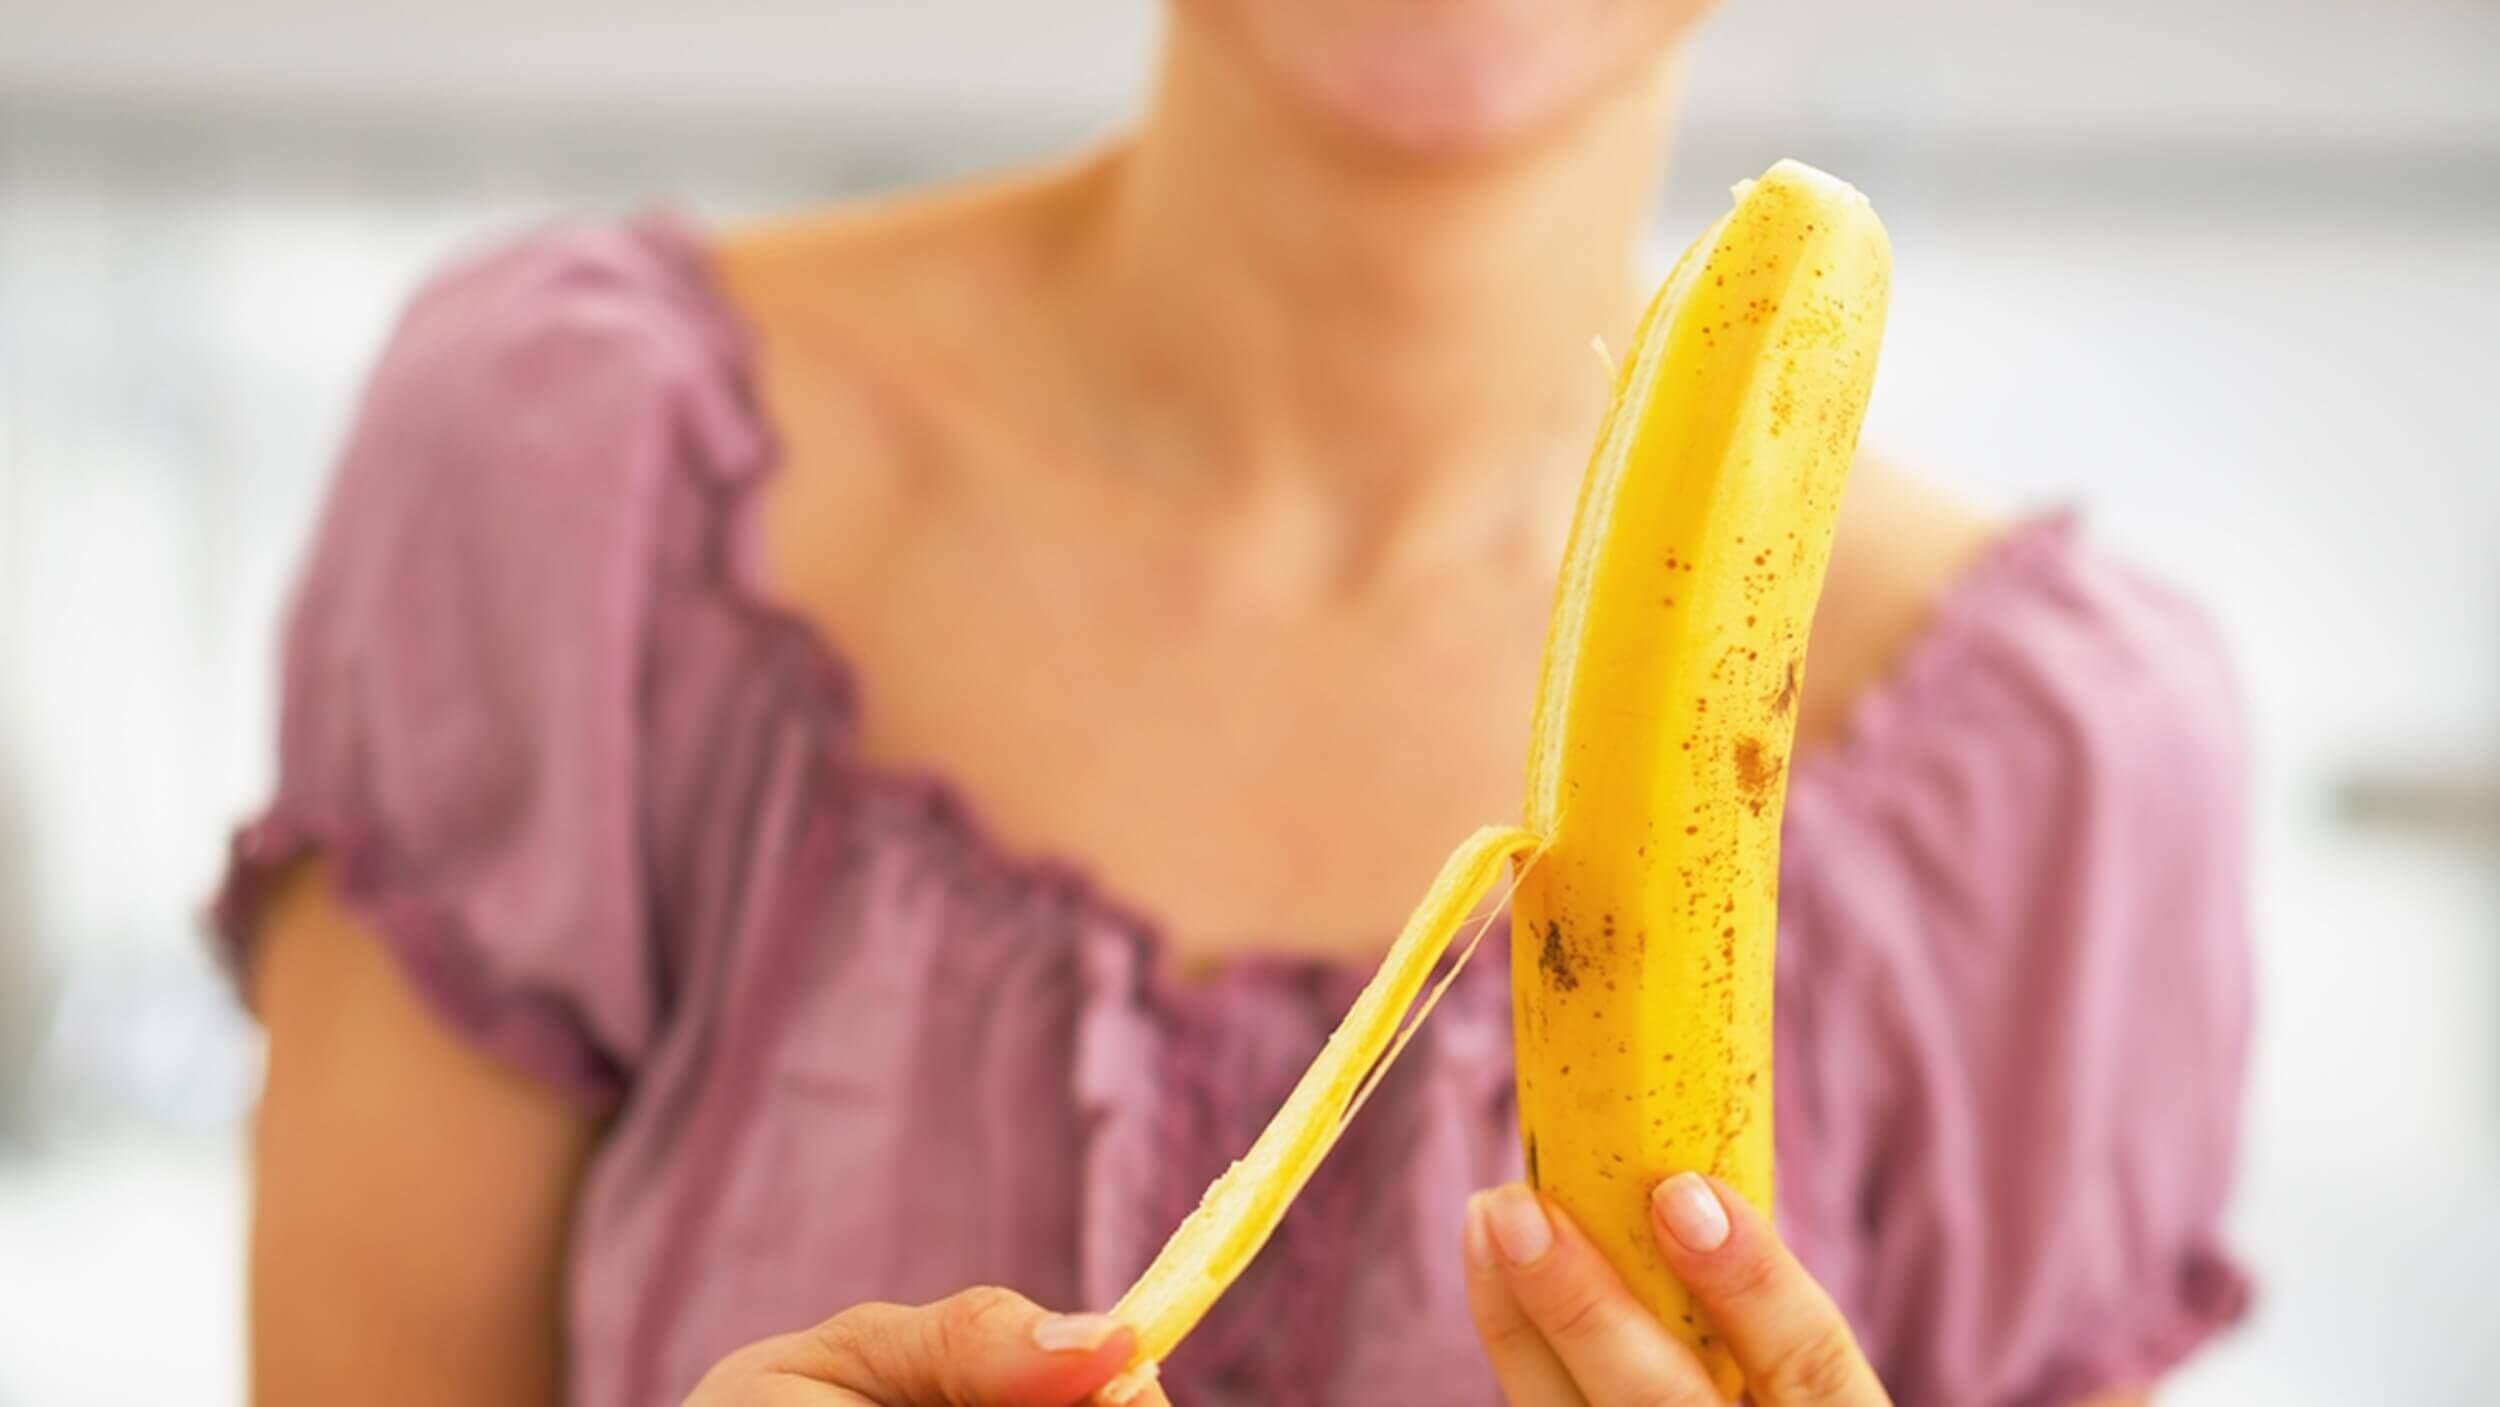 속쓰림을 가라앉히는 자연 치료법 바나나